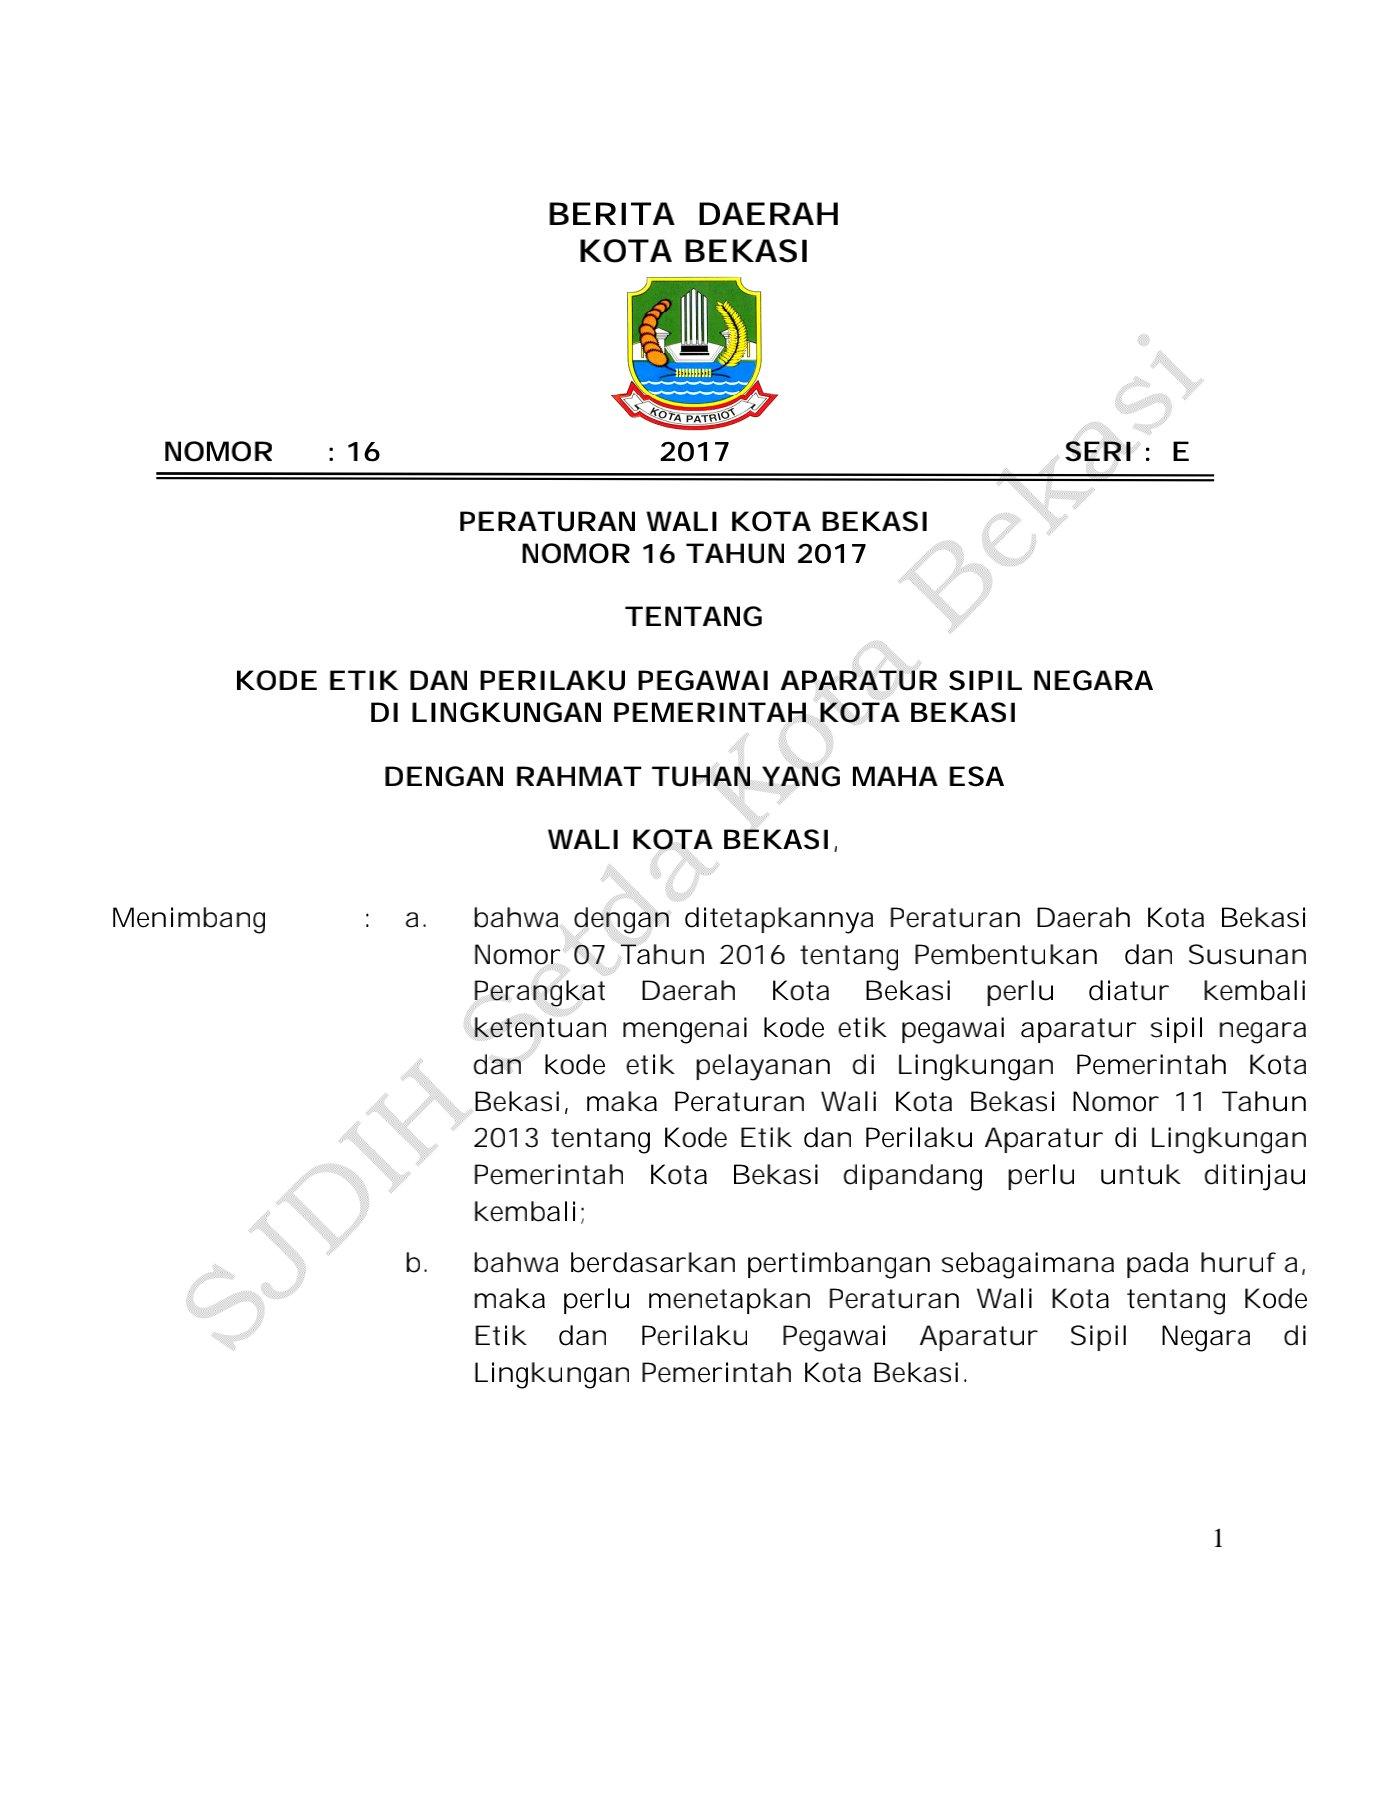 BKPPD Kota Bekasi Bina ASN Diduga Lakukan Pelanggaran Disiplin